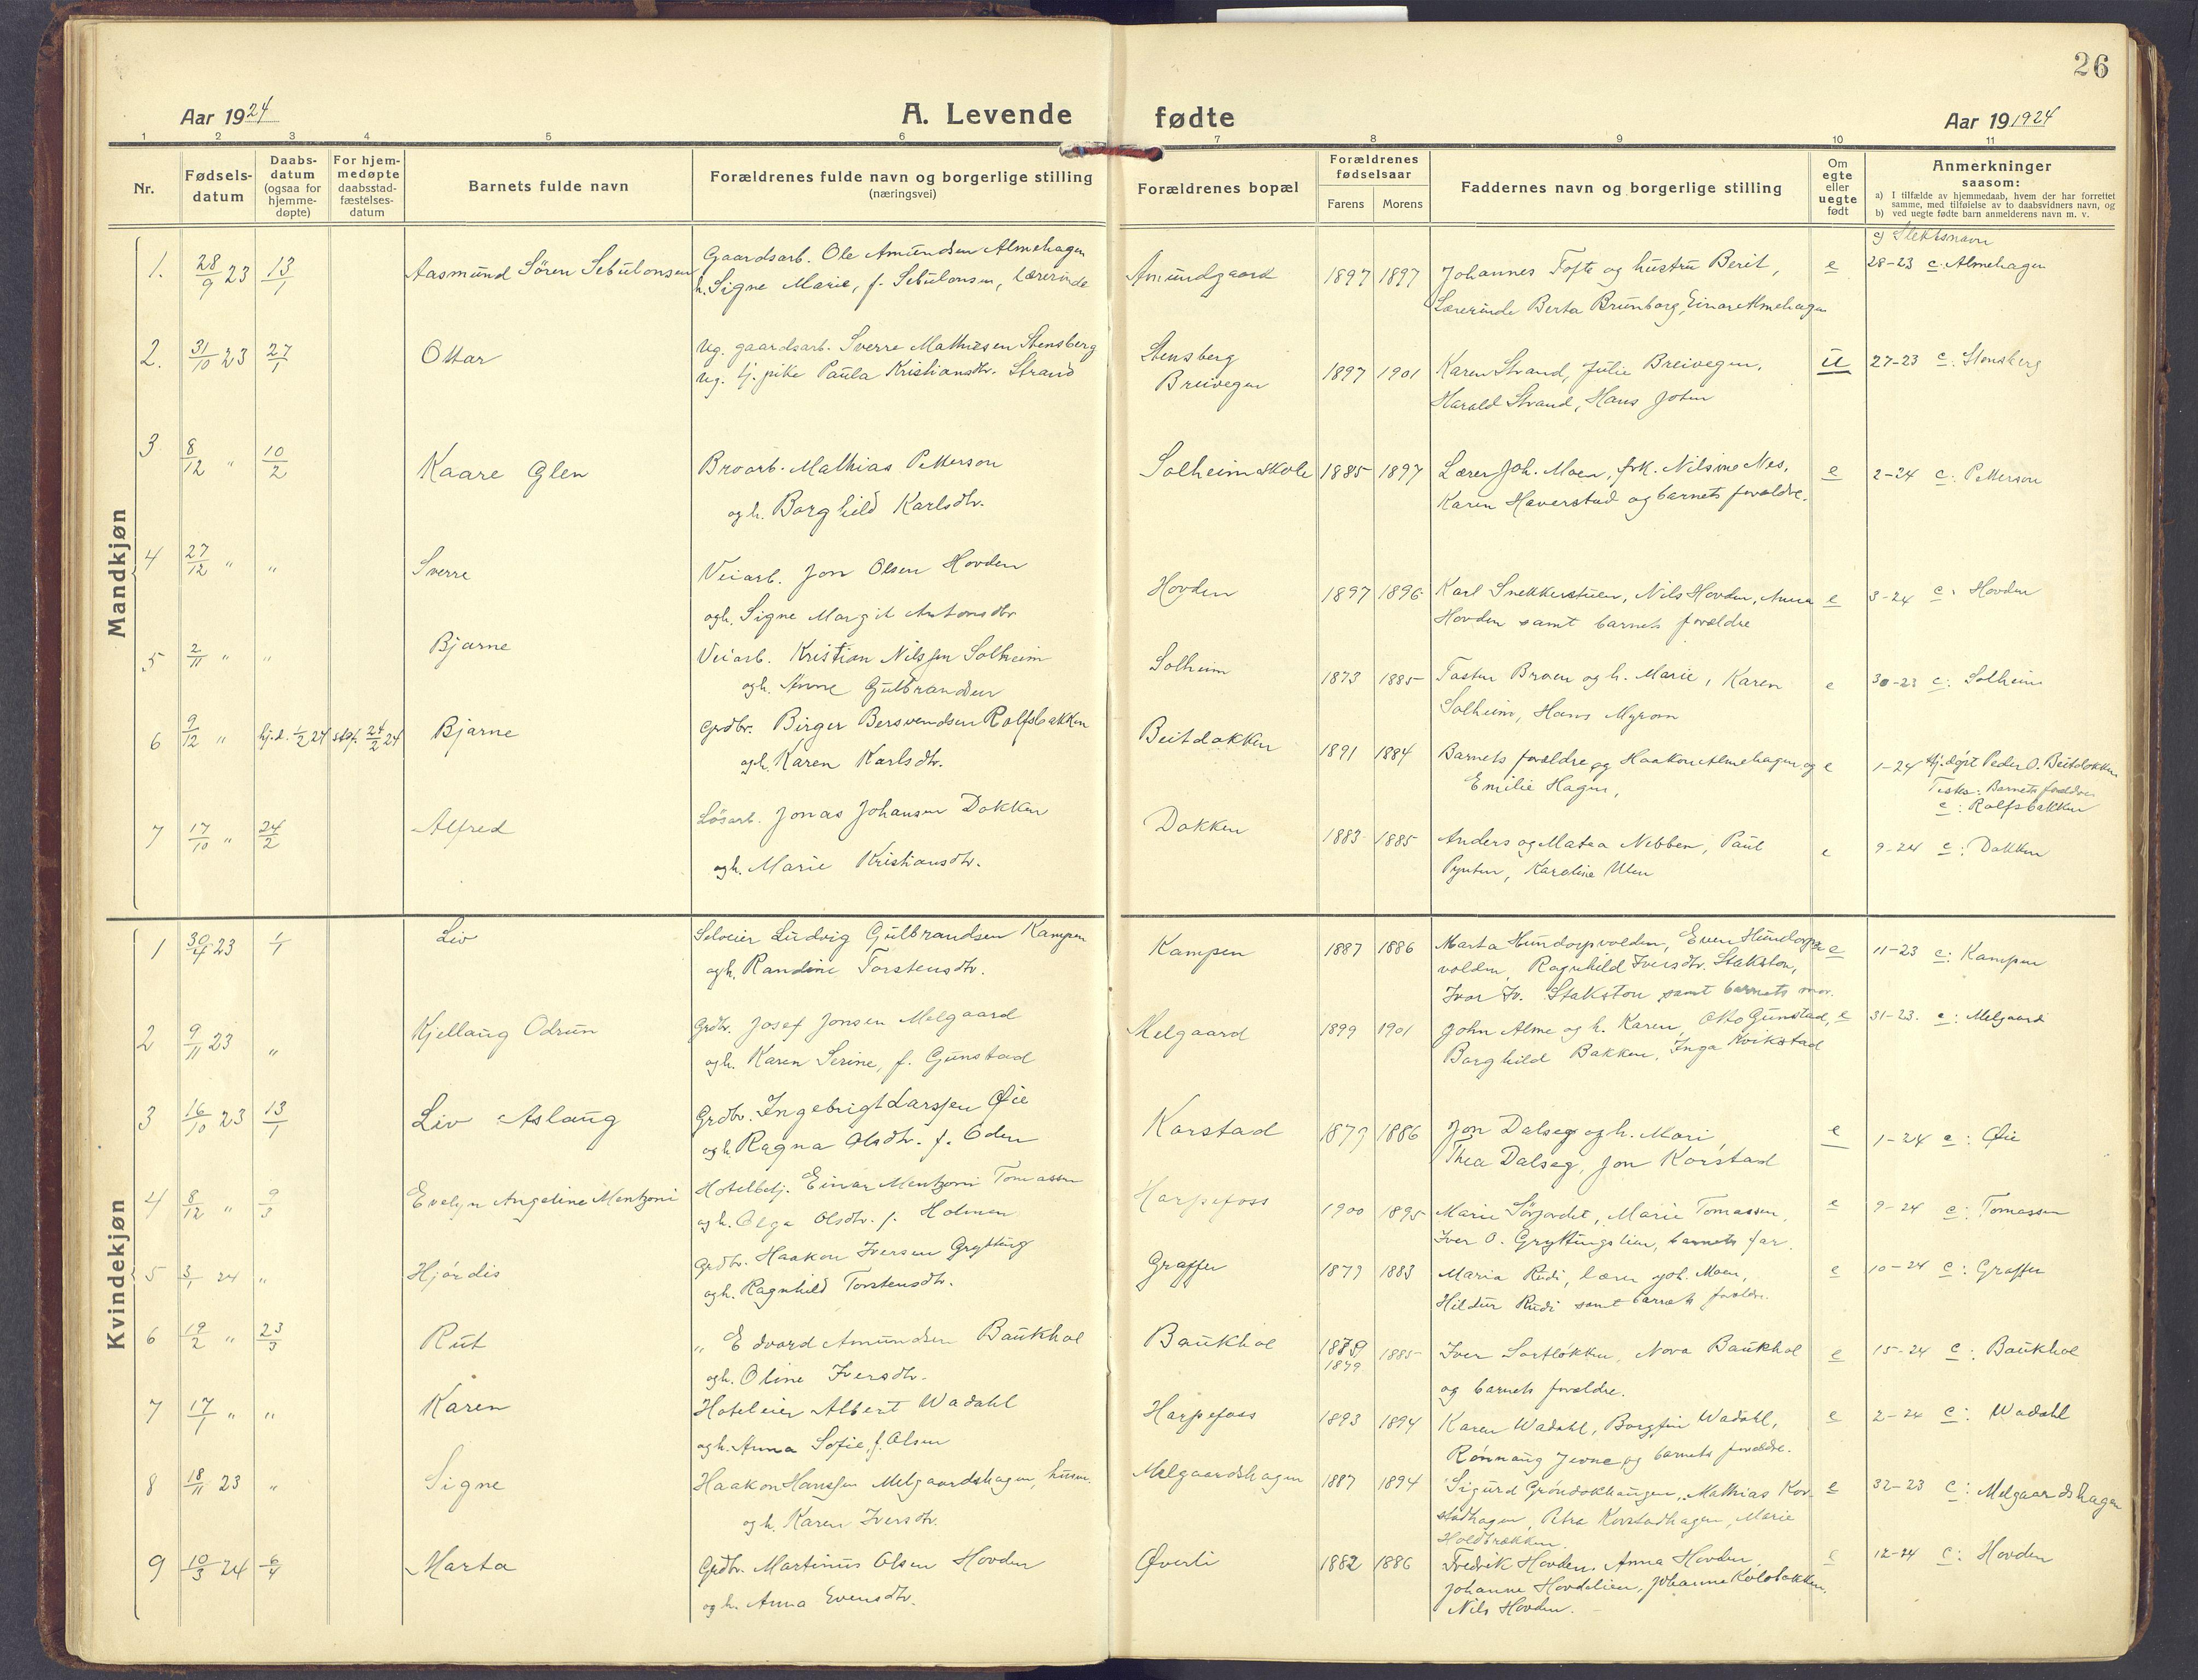 SAH, Sør-Fron prestekontor, H/Ha/Haa/L0005: Ministerialbok nr. 5, 1920-1933, s. 26